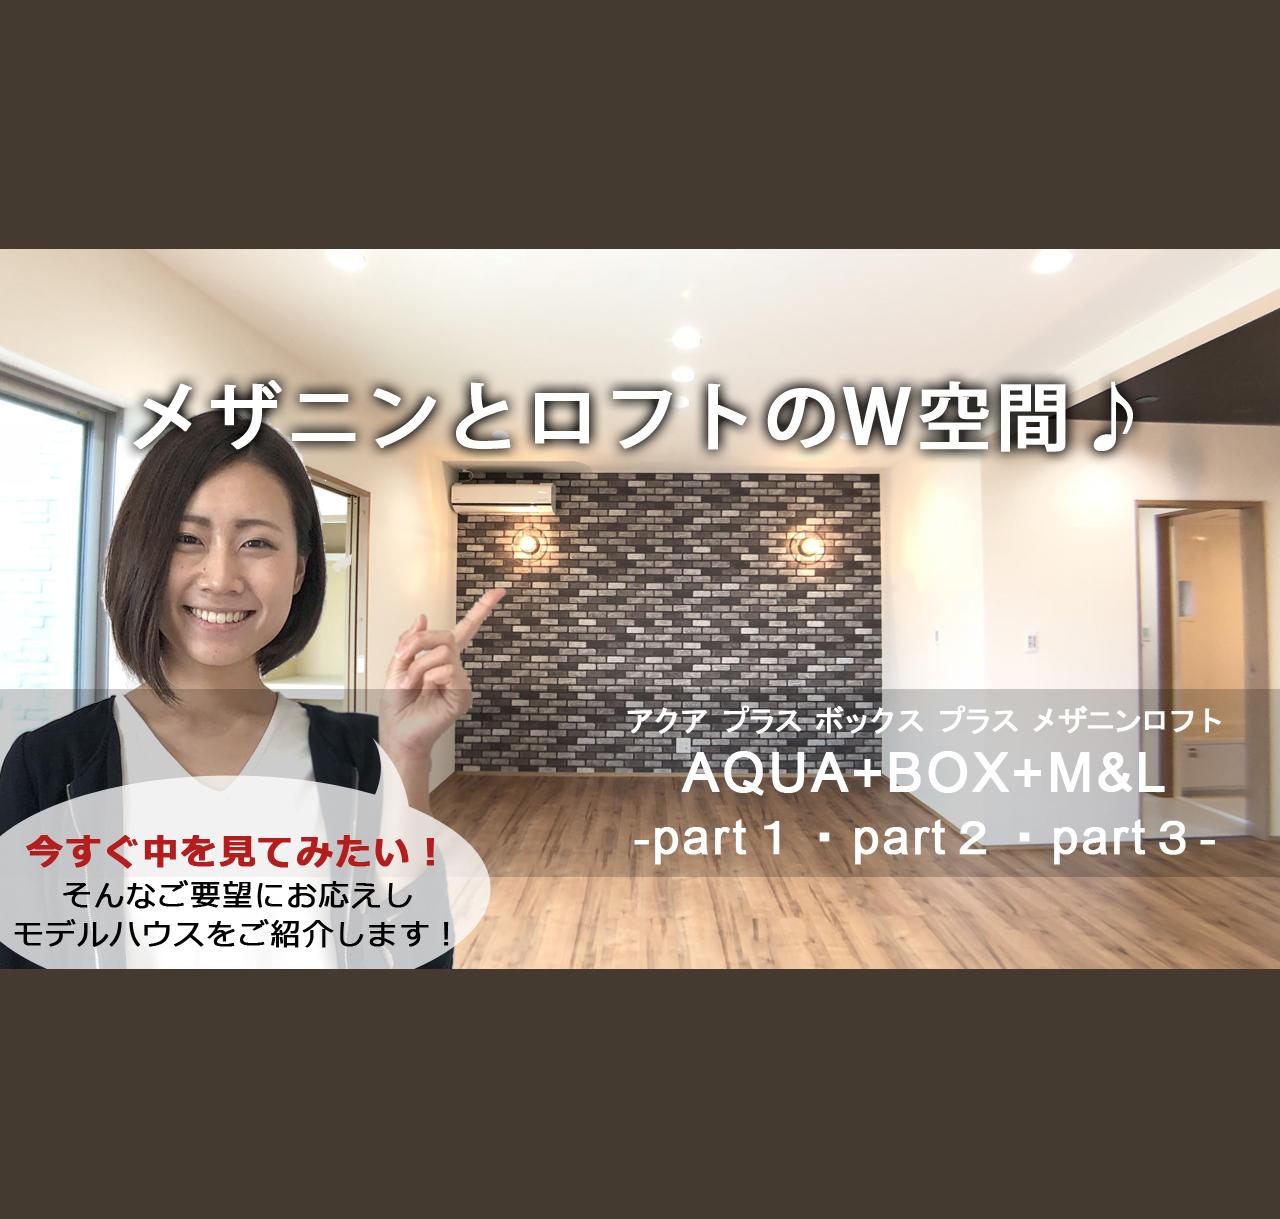 Youtube限定!バーチャル見学会 AQUA+BOX+M&L